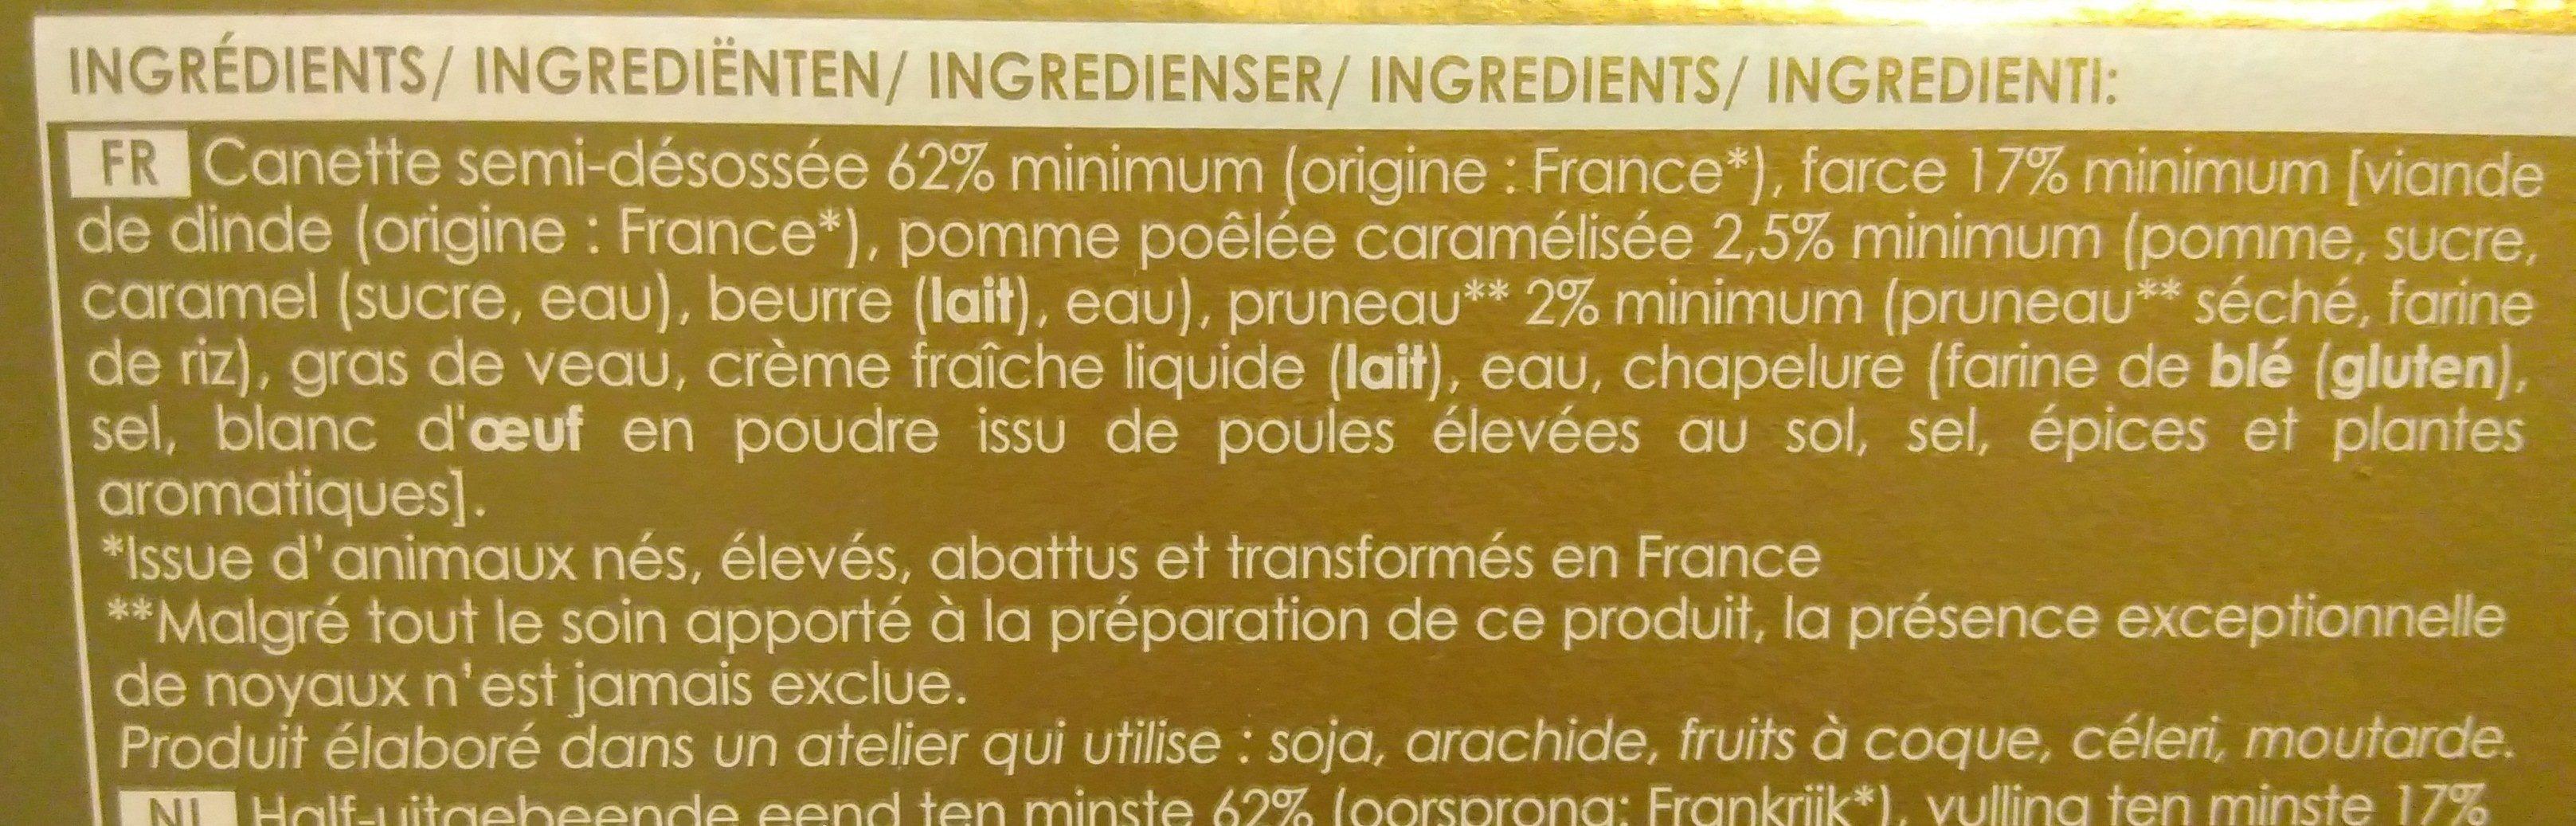 Canette farcie aux pommes et pruneaux - Ingrédients - fr